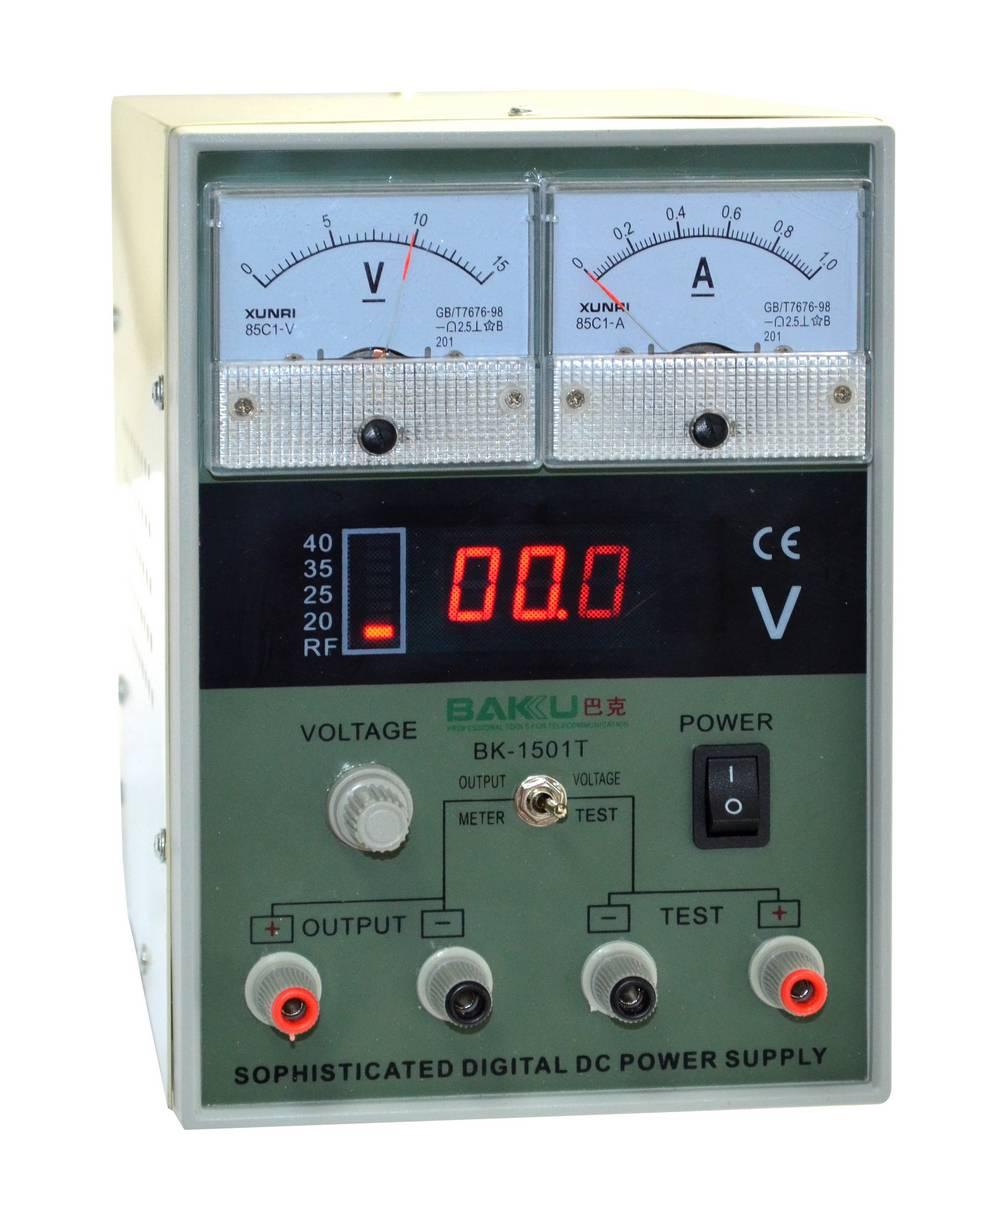 Τροφοδοτικό Ρεύματος Bakku BK-1501T 101-200W / 50Hz / 0-15 V / 1A